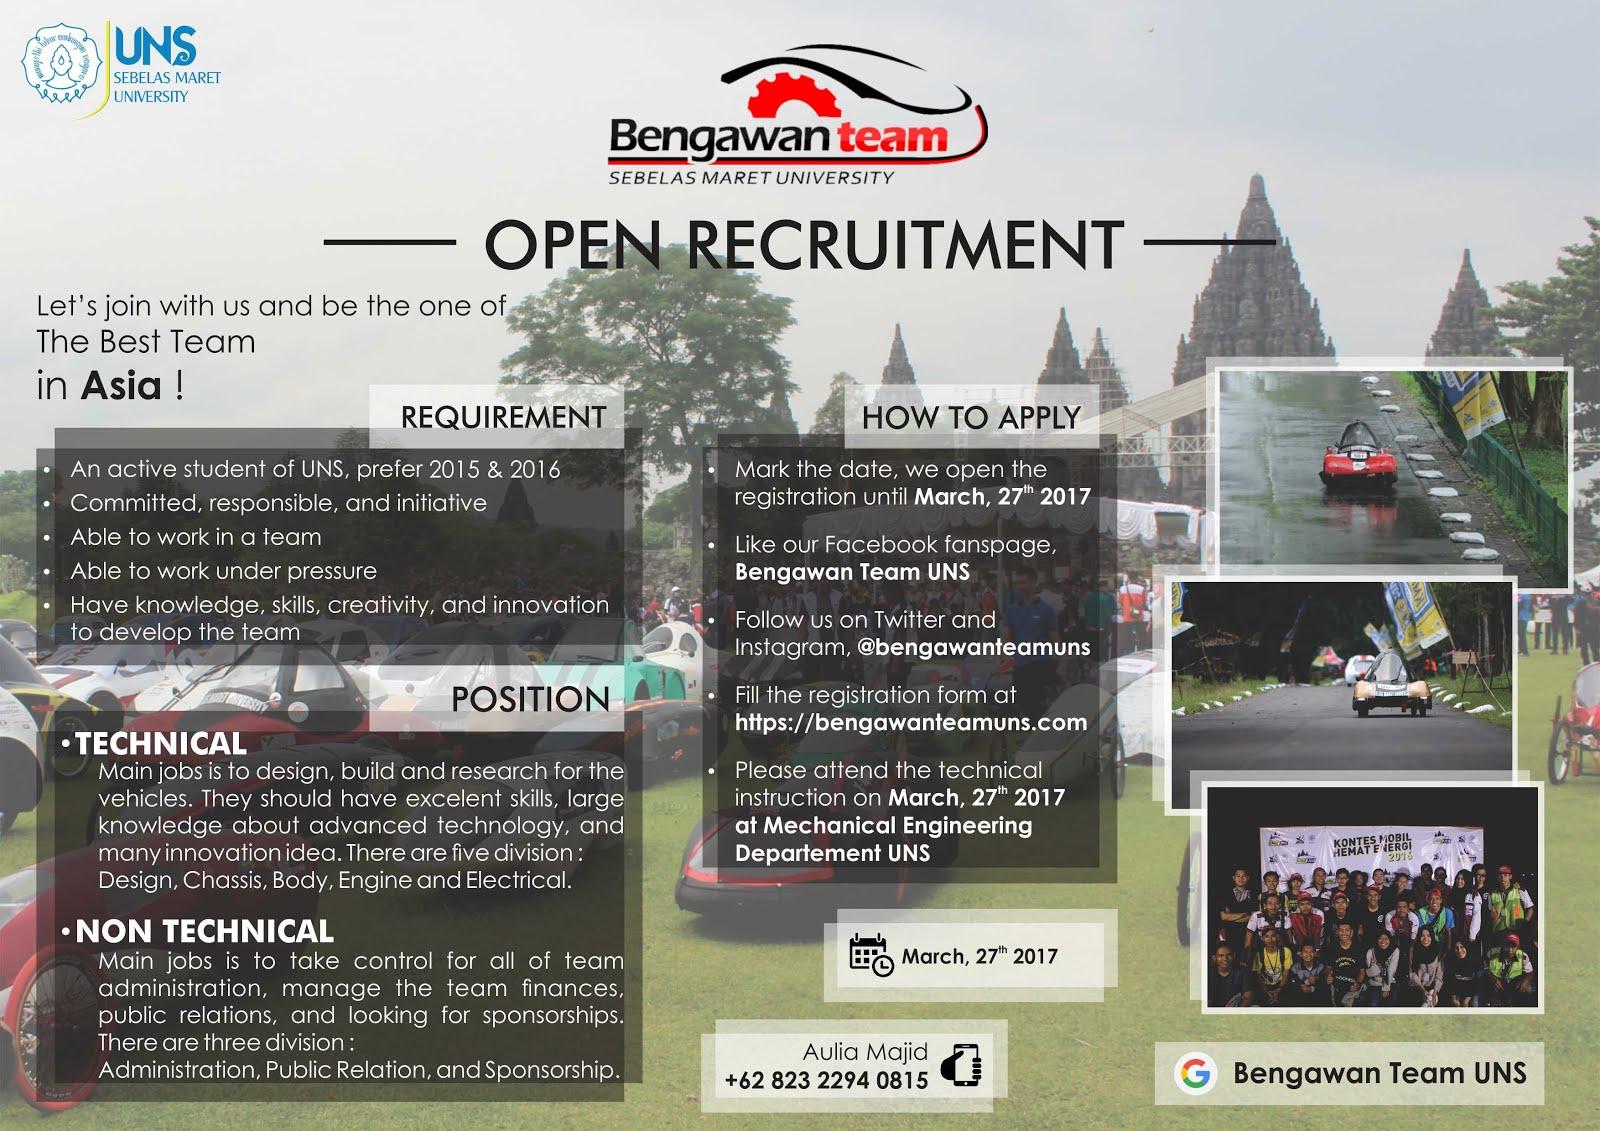 bengawan team uns open recruitment bengawan team uns 2017